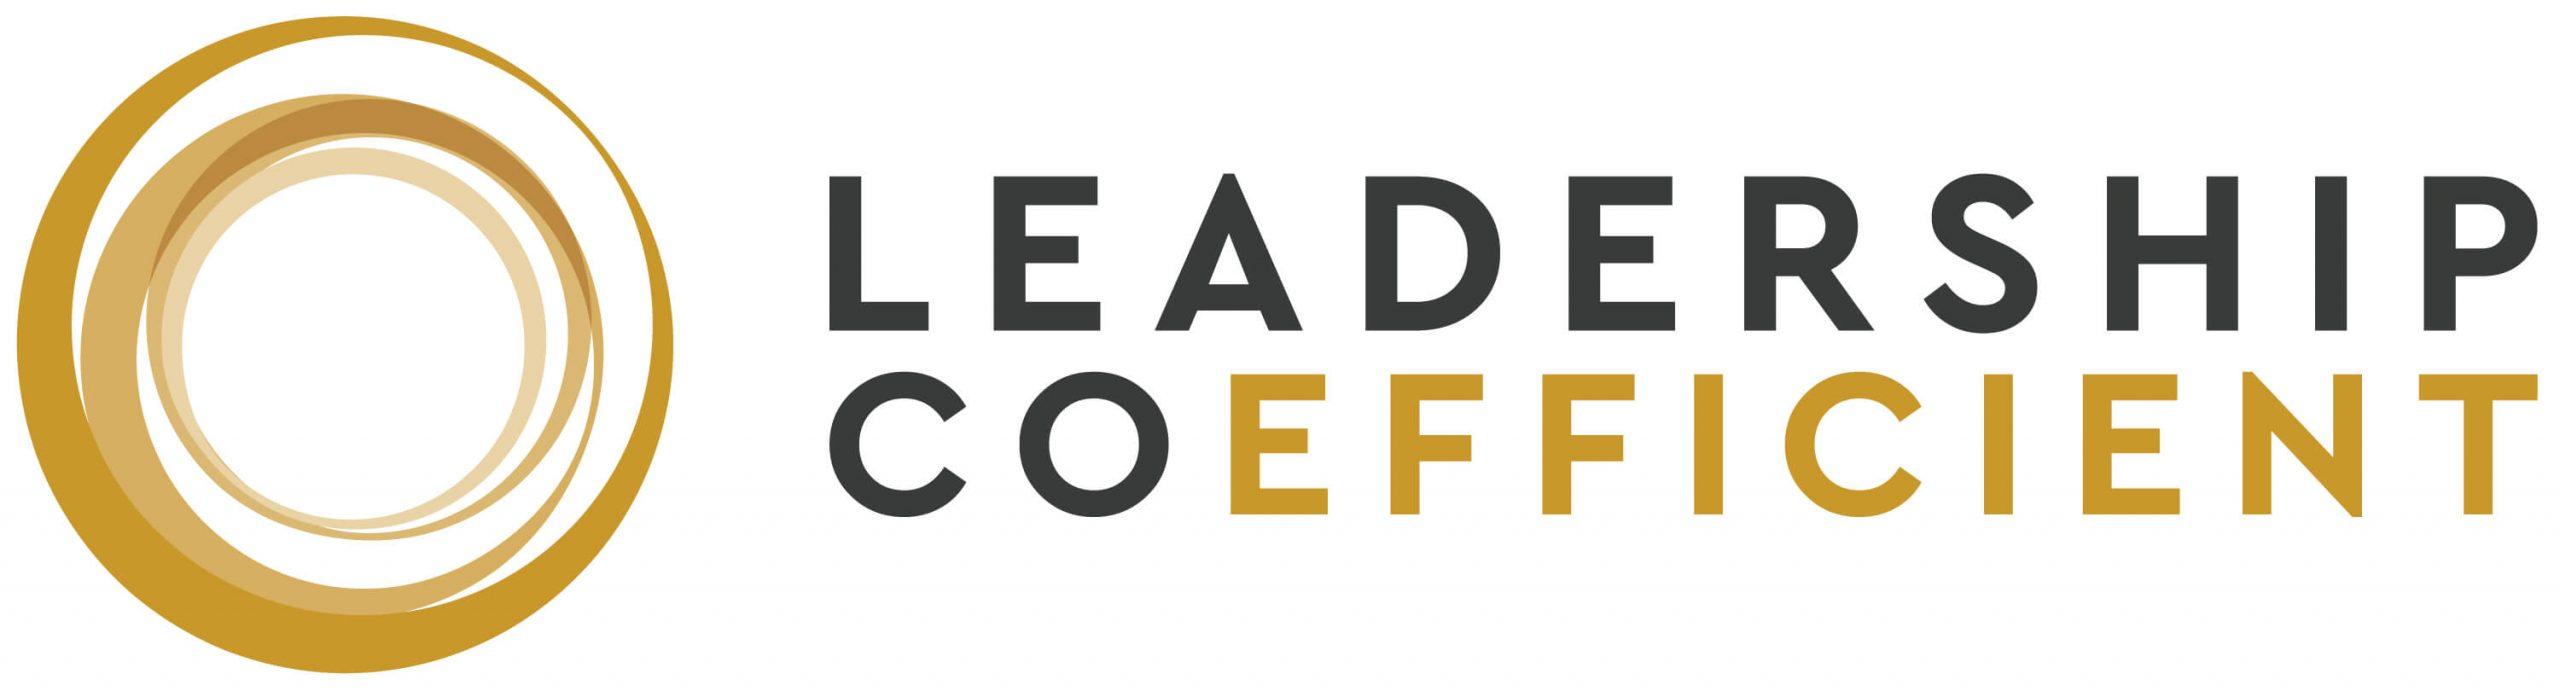 Leadership Coefficient